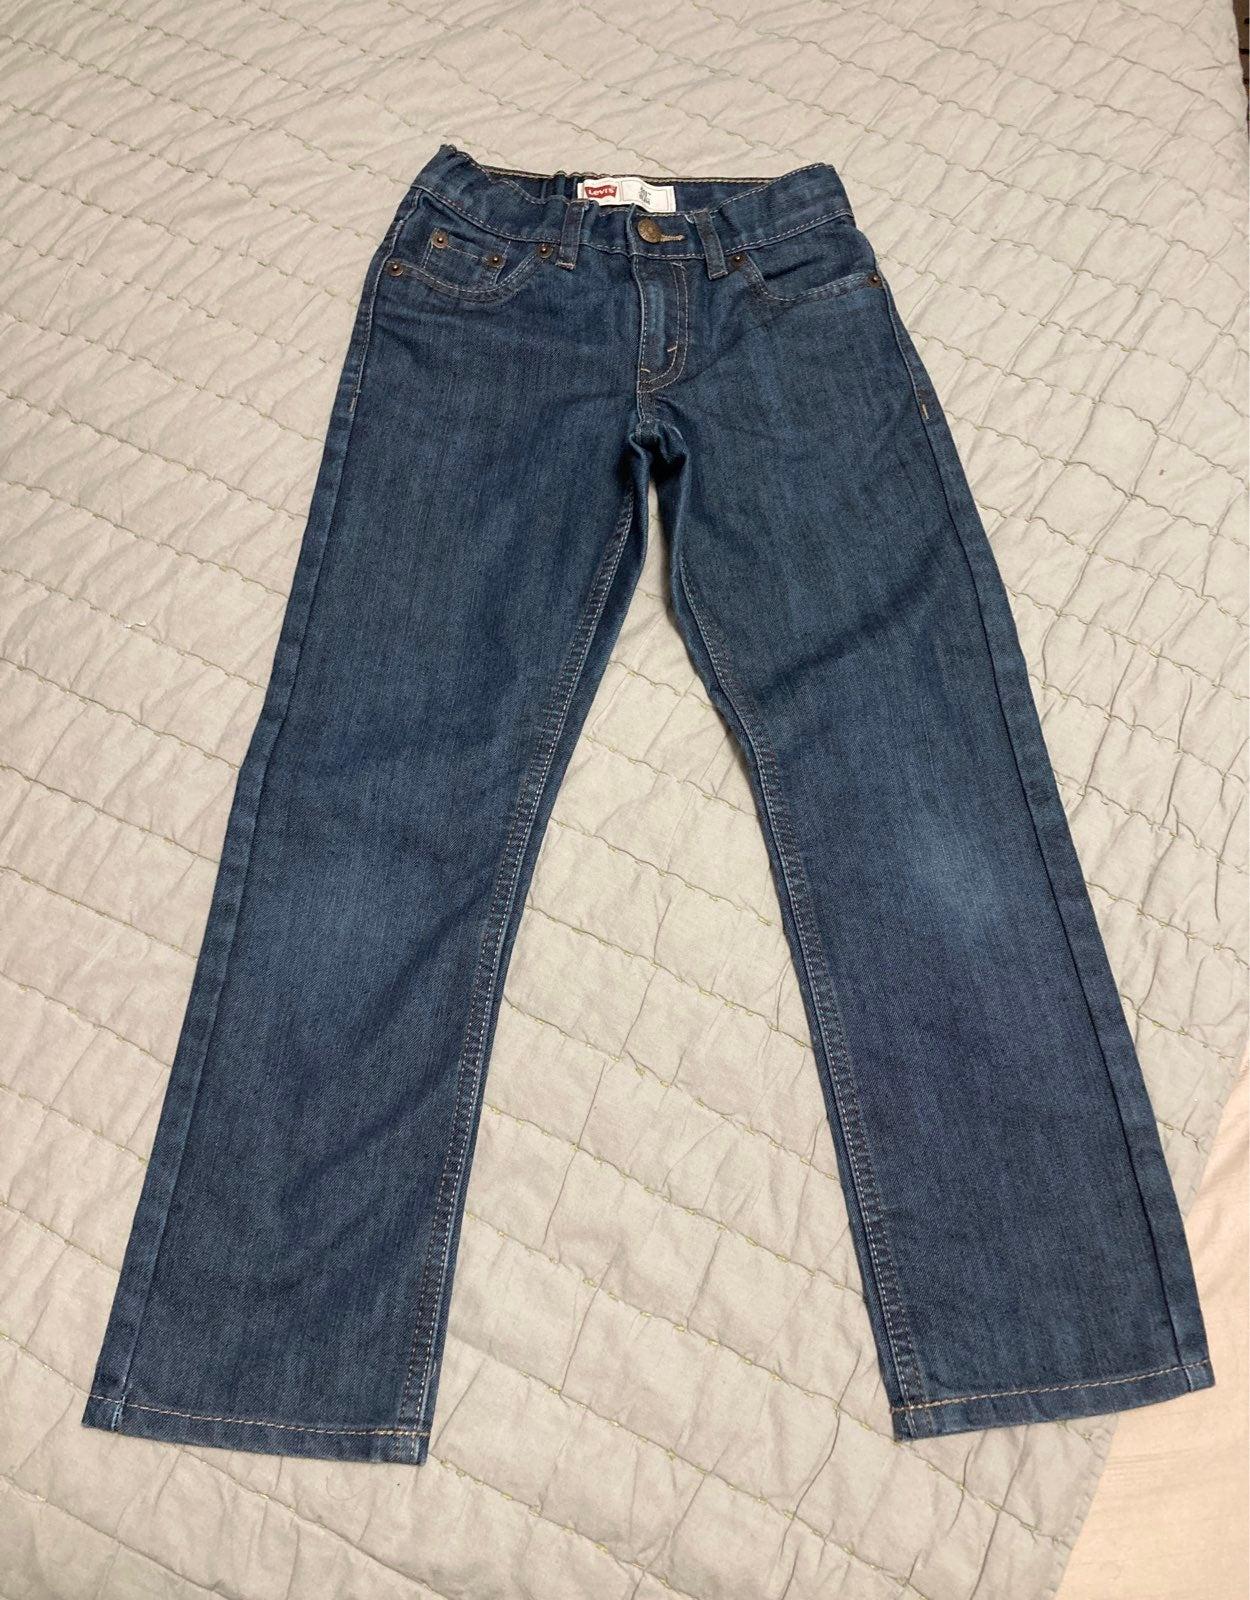 511 Levi's jeans